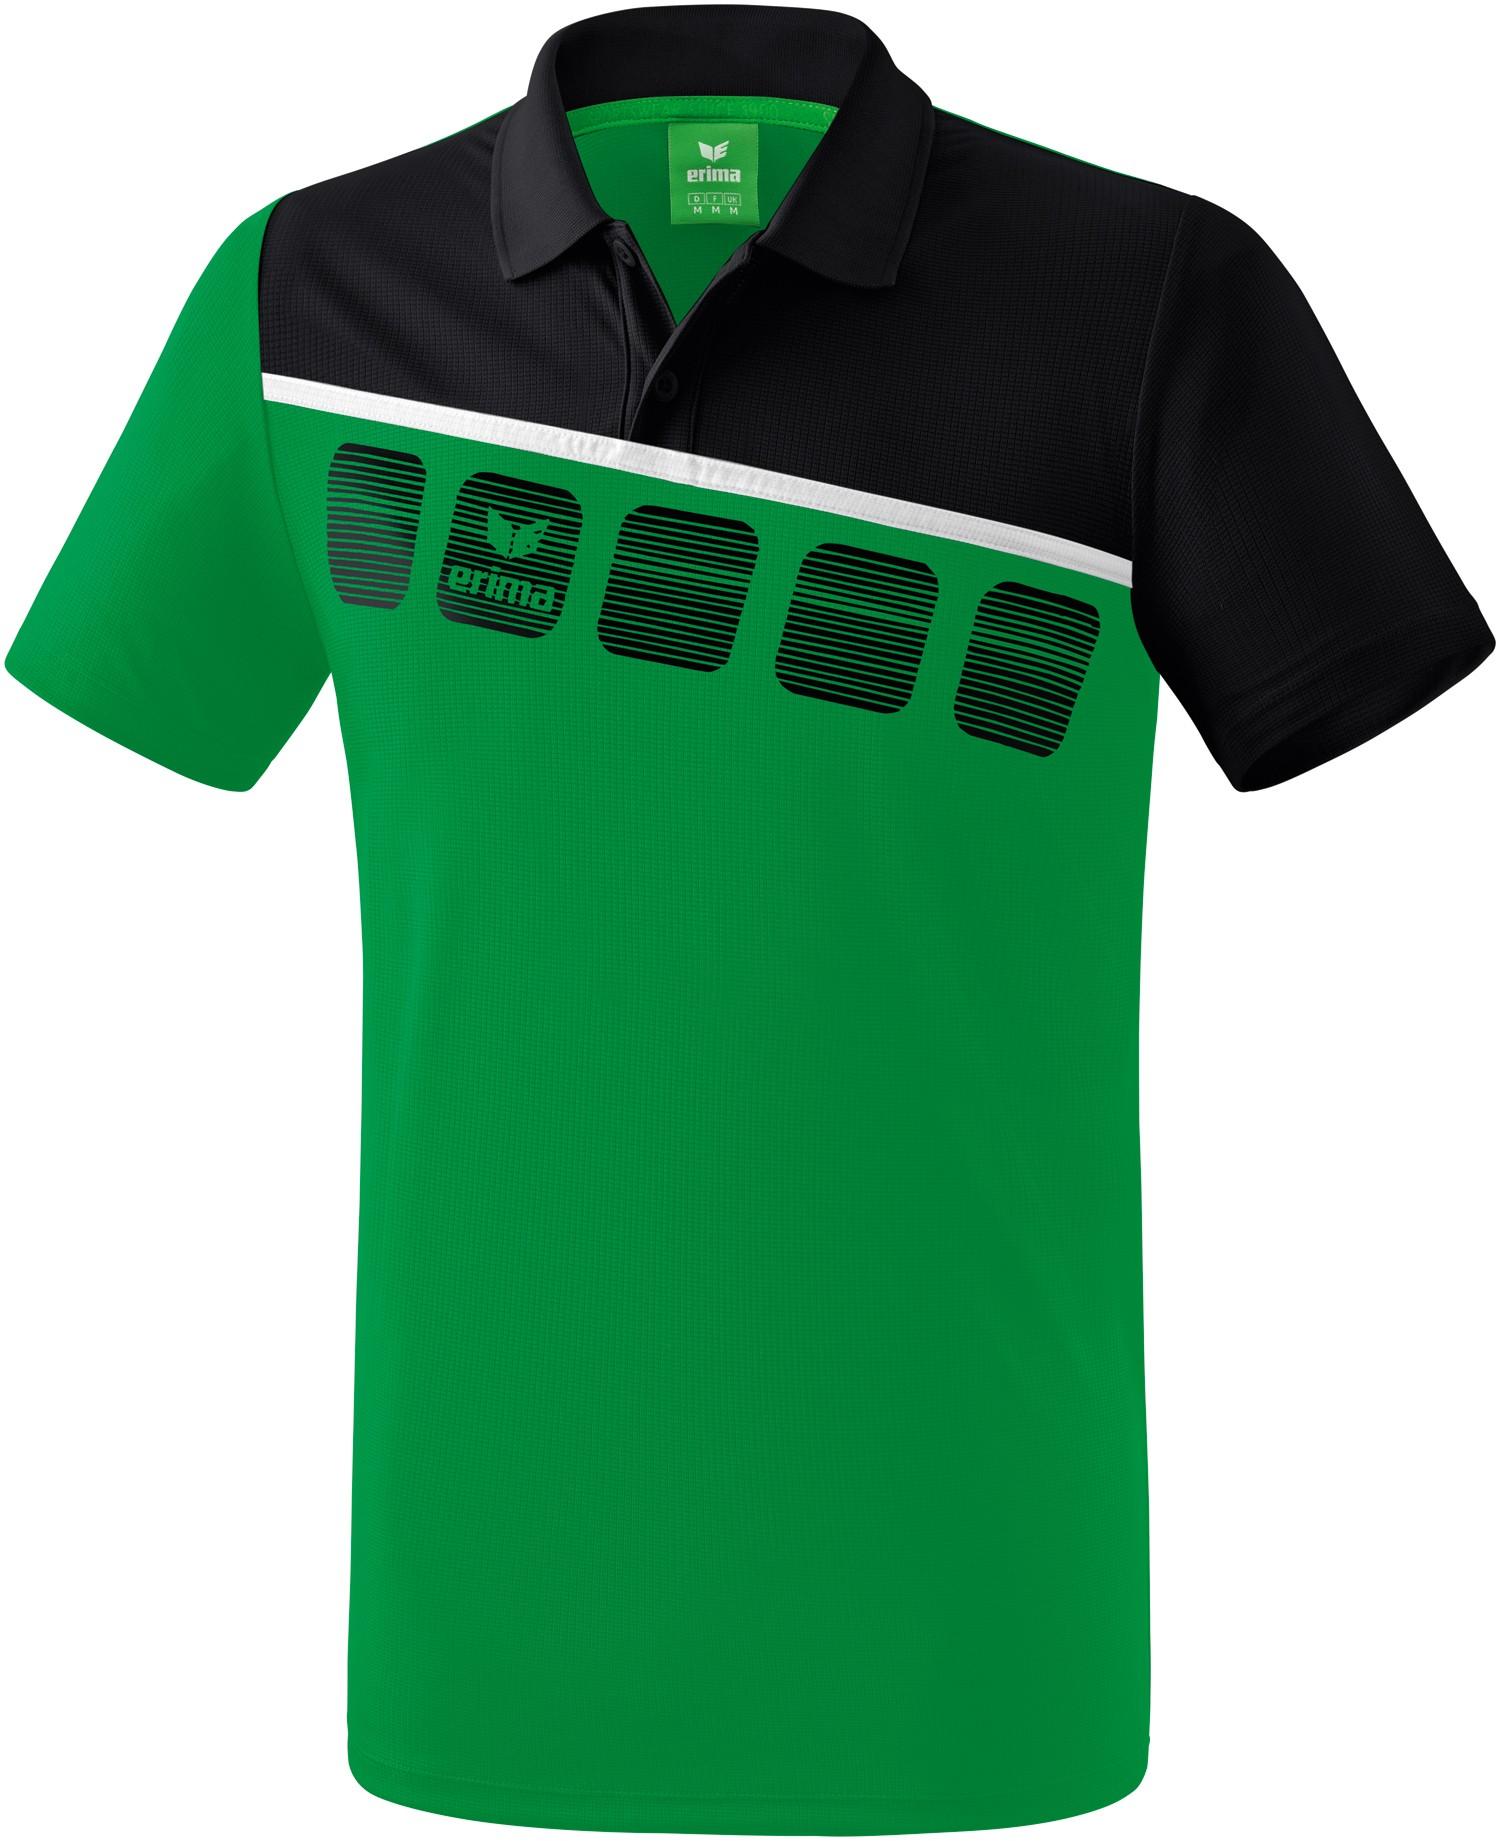 Erima 5-C Poloshirt Kinder, 128 Unisex 1111905